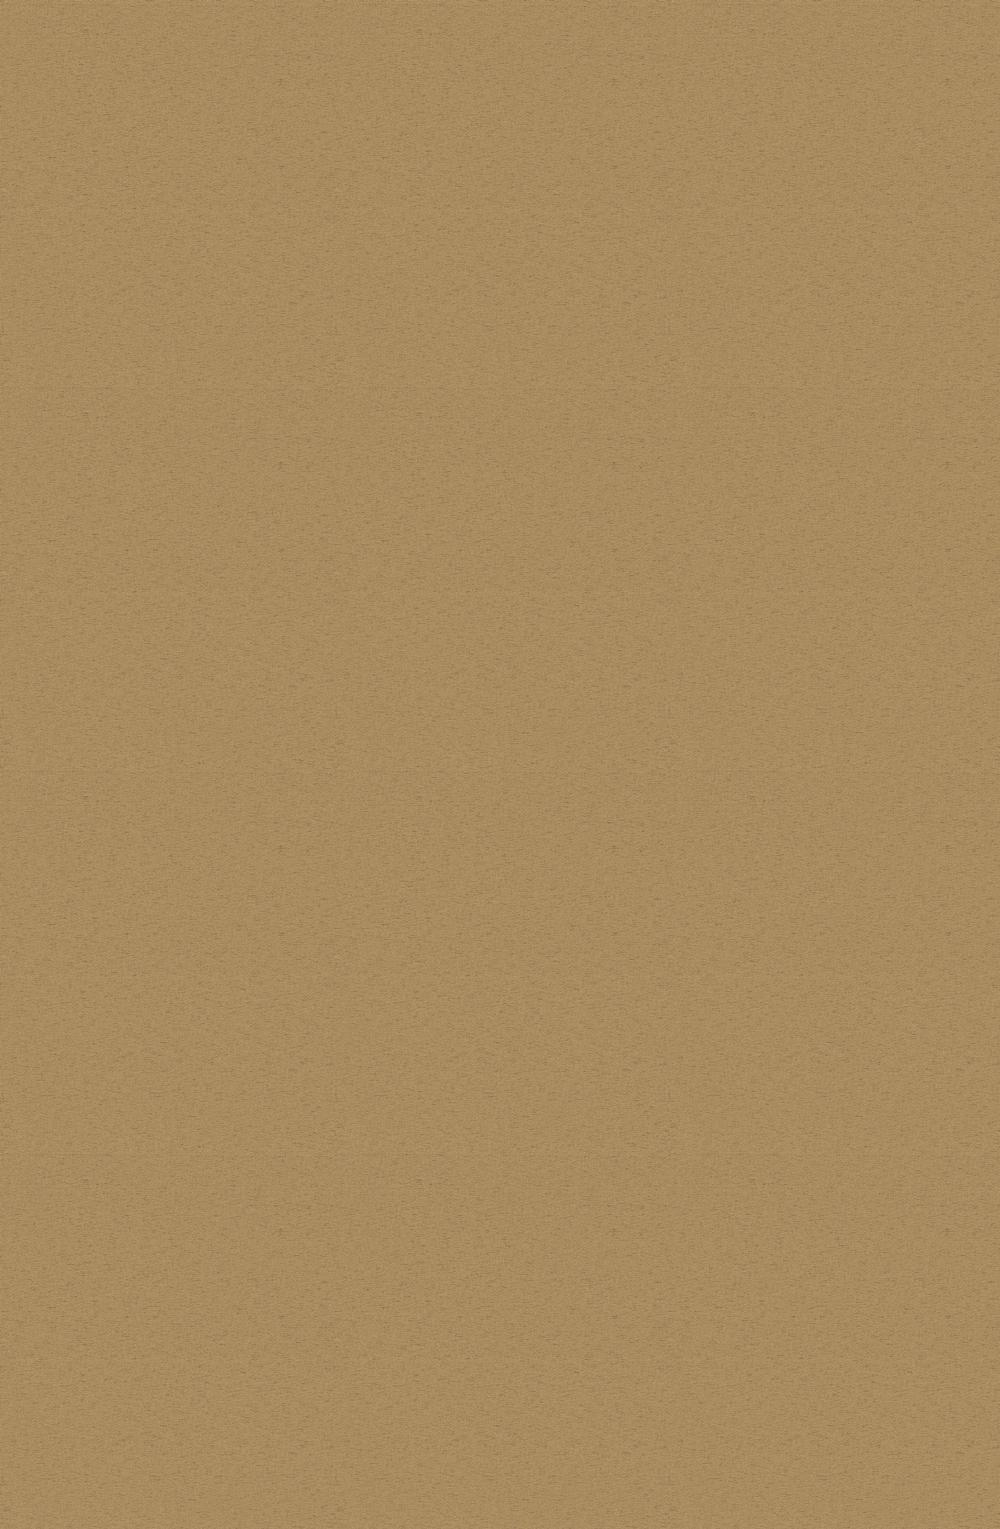 Куба-коричневый